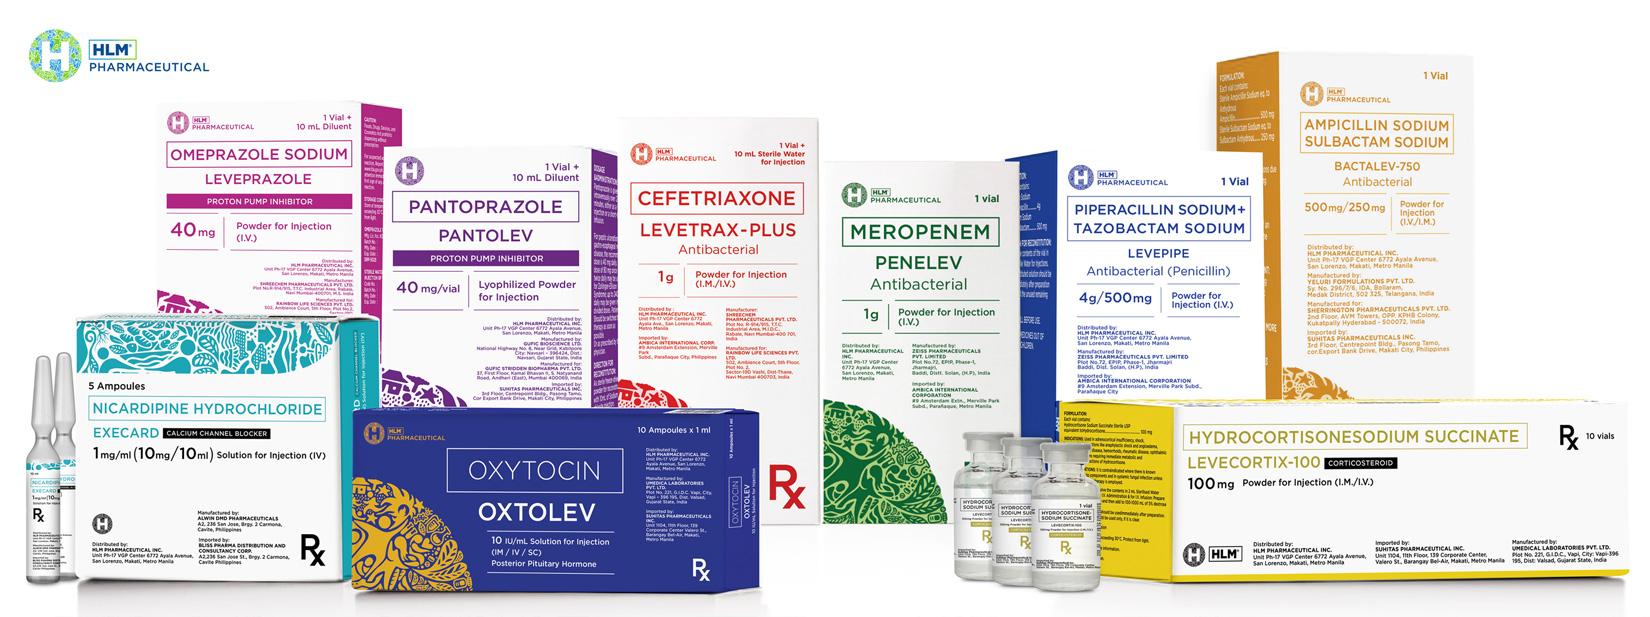 HLM-Pharma-1-B